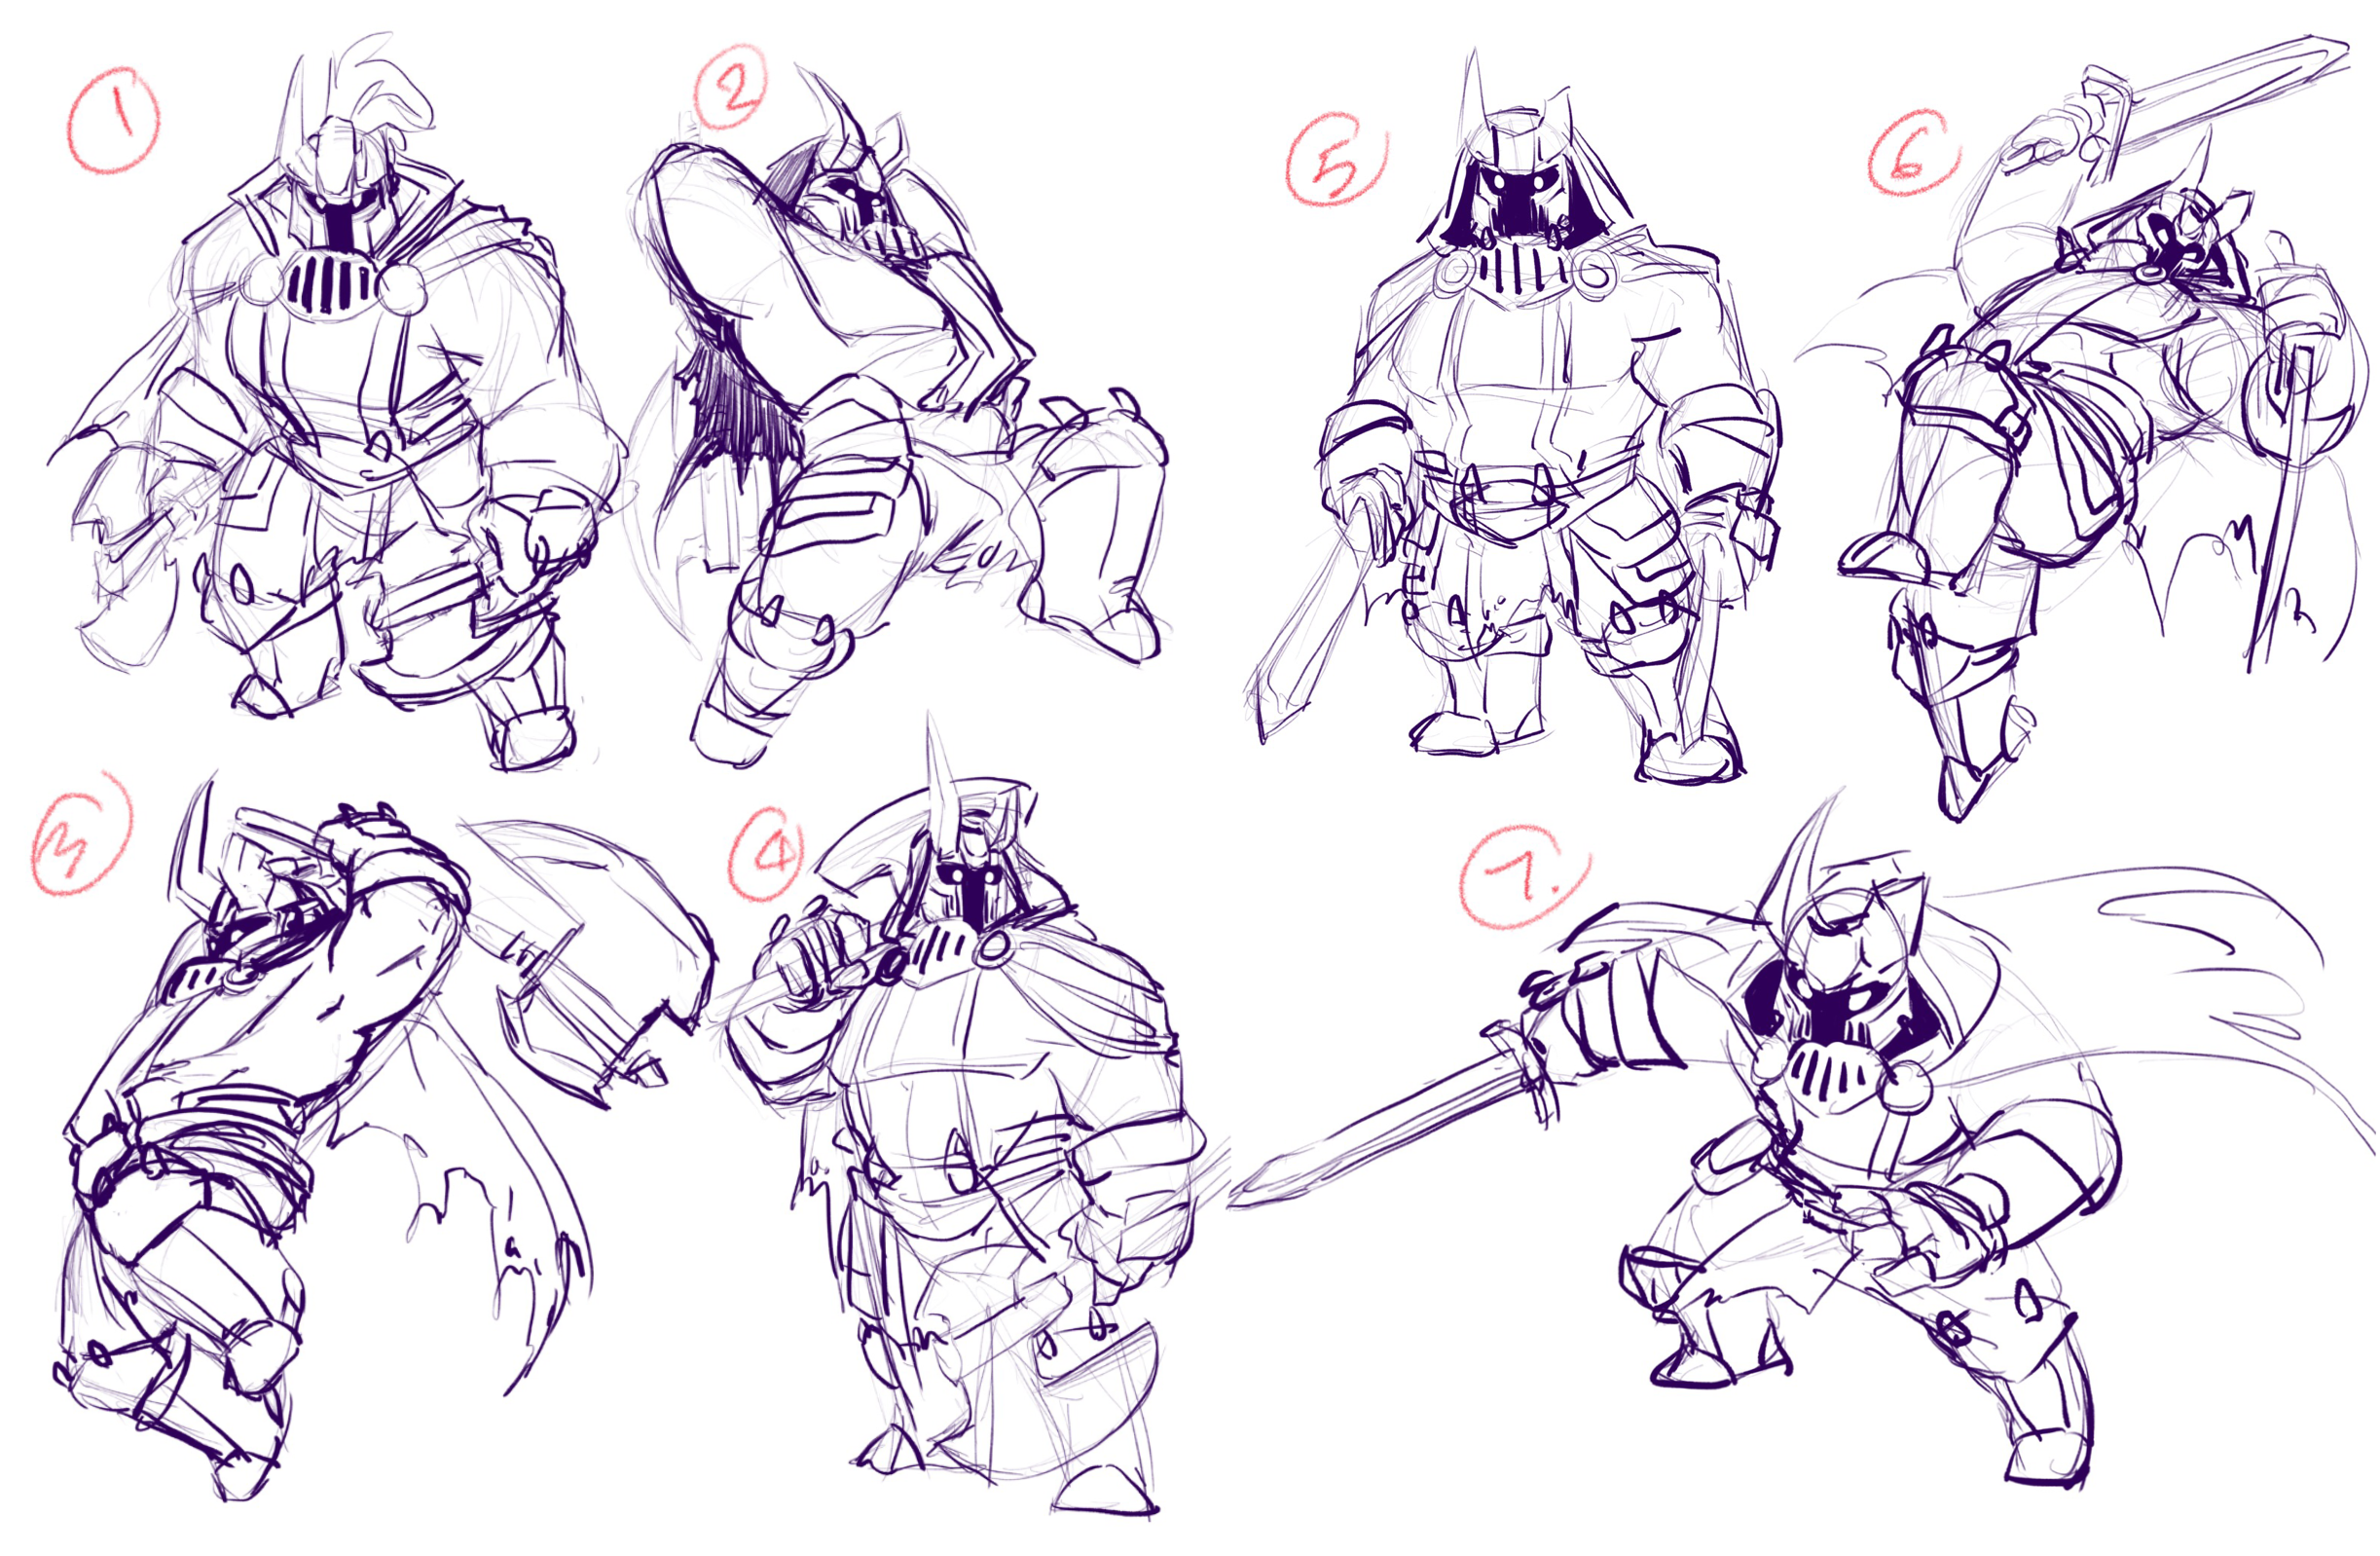 Knight pose Page 1